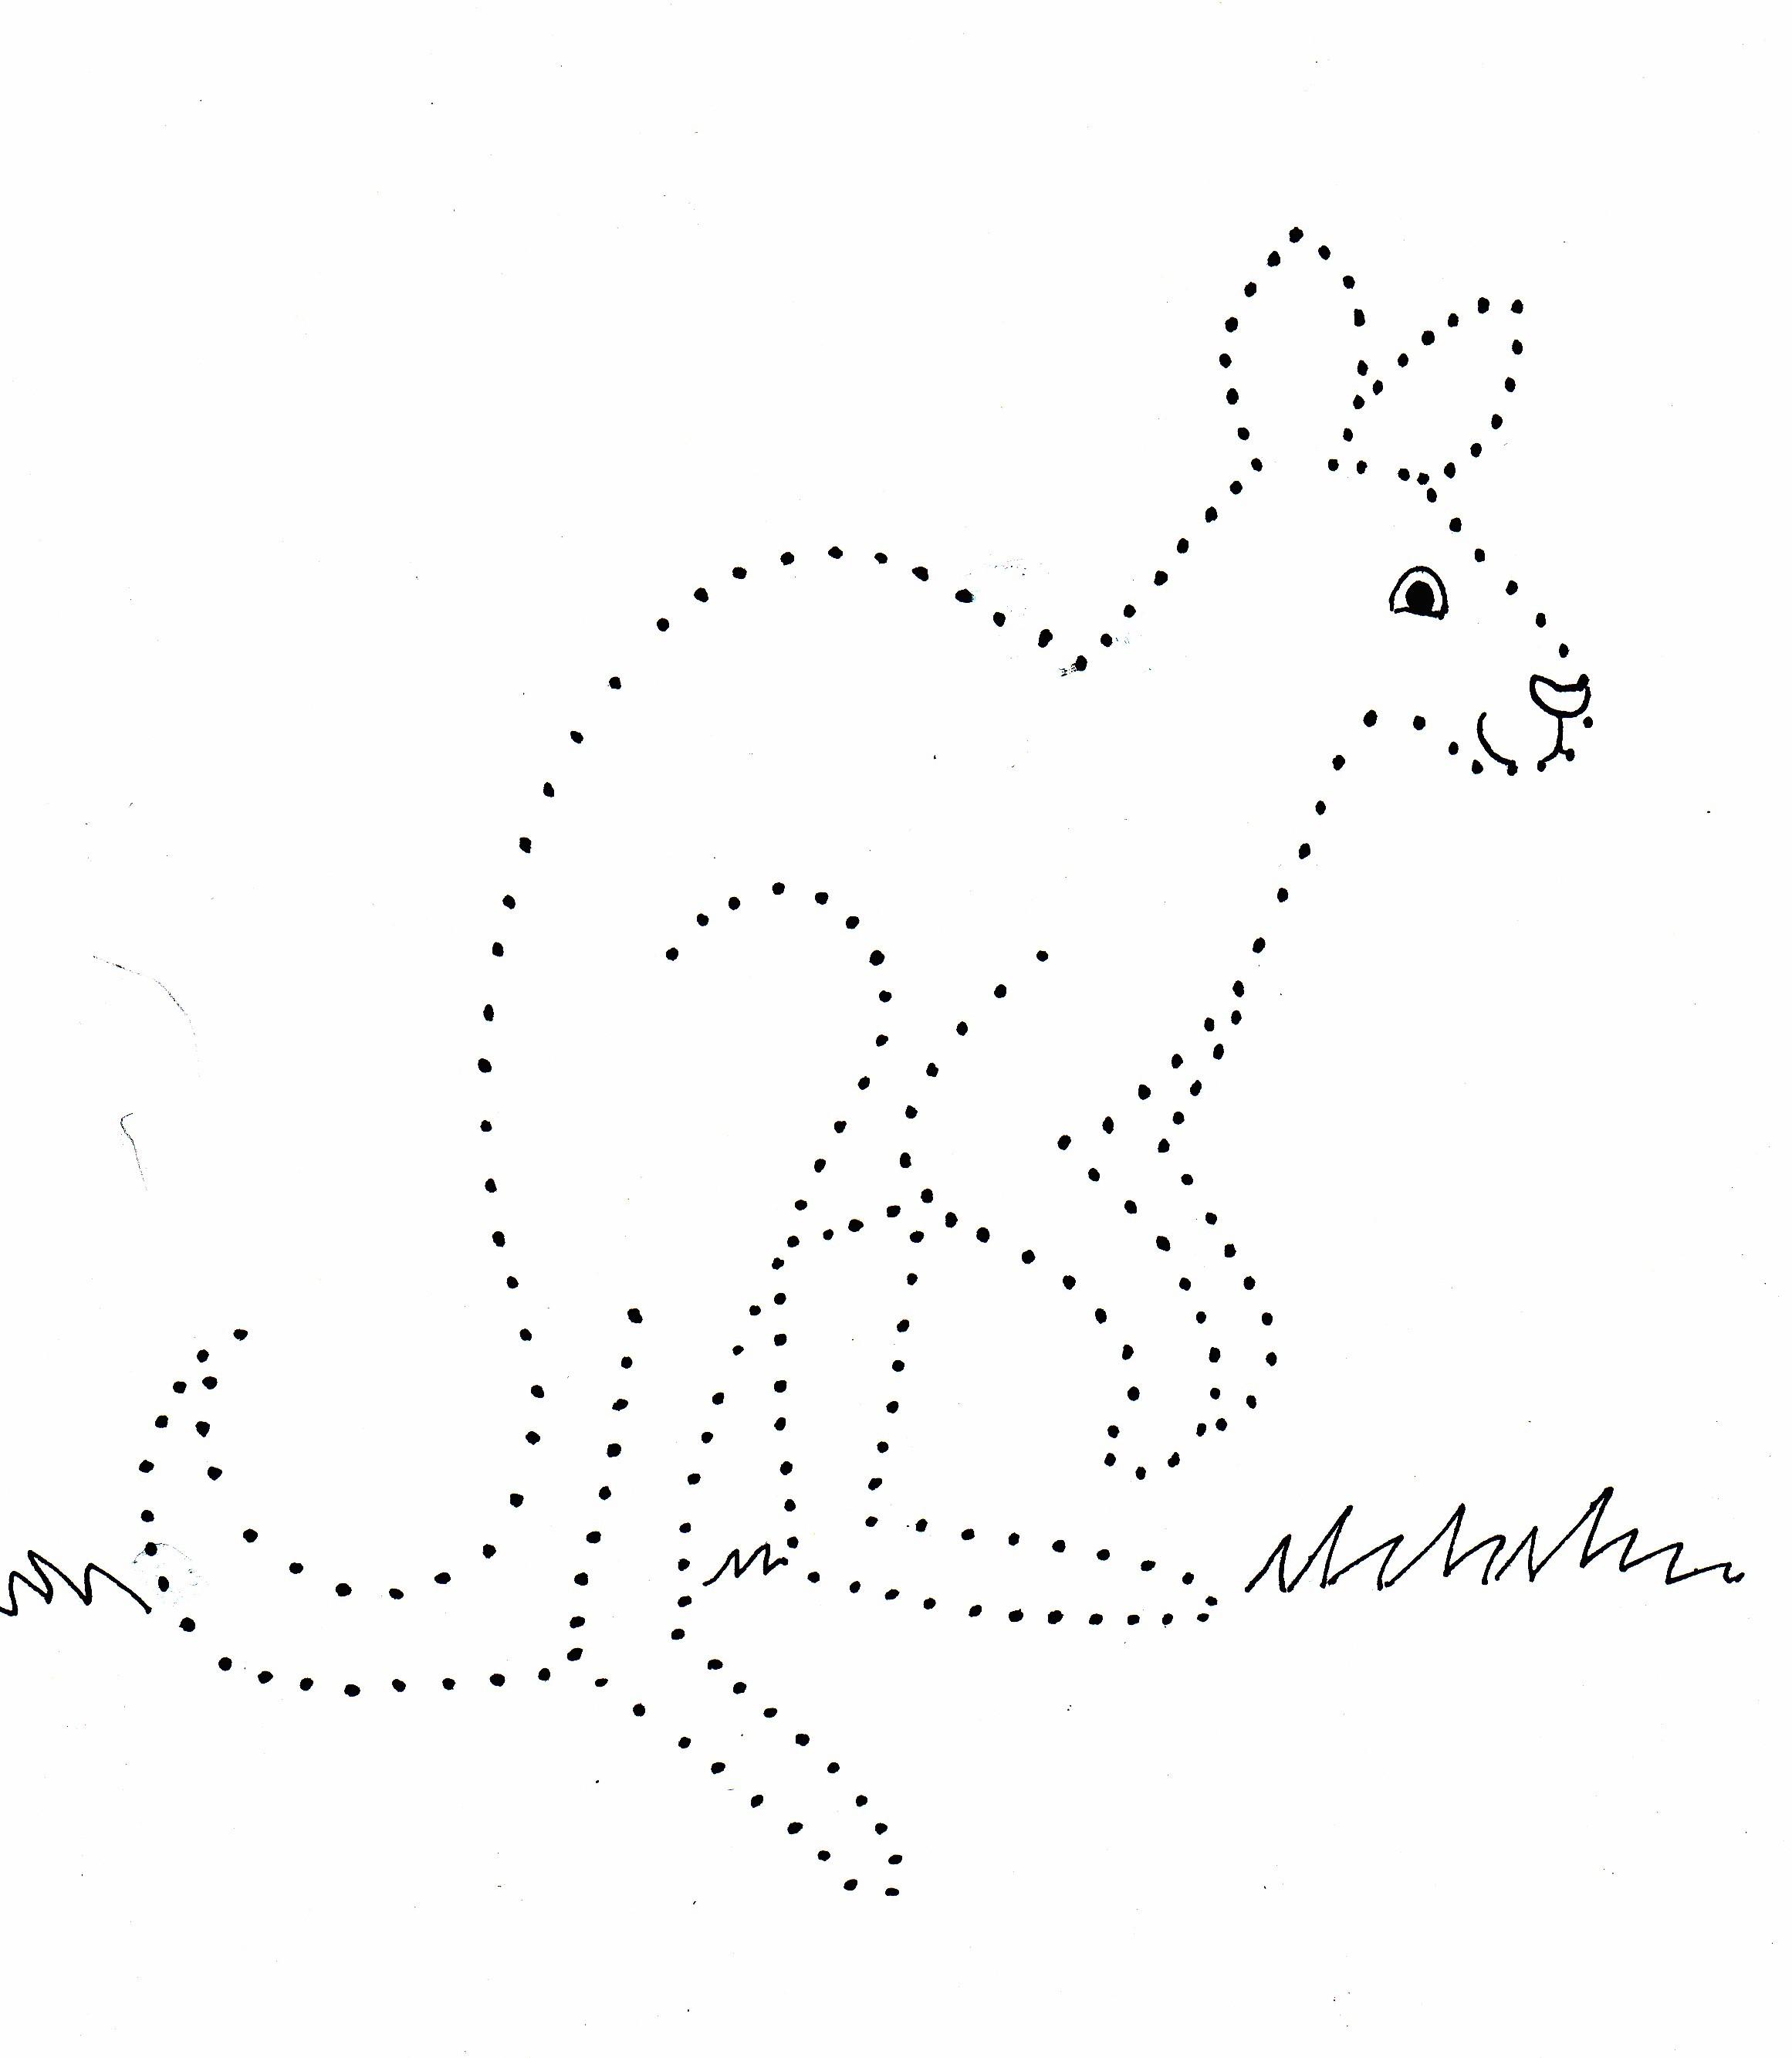 kangaroo dot drawing